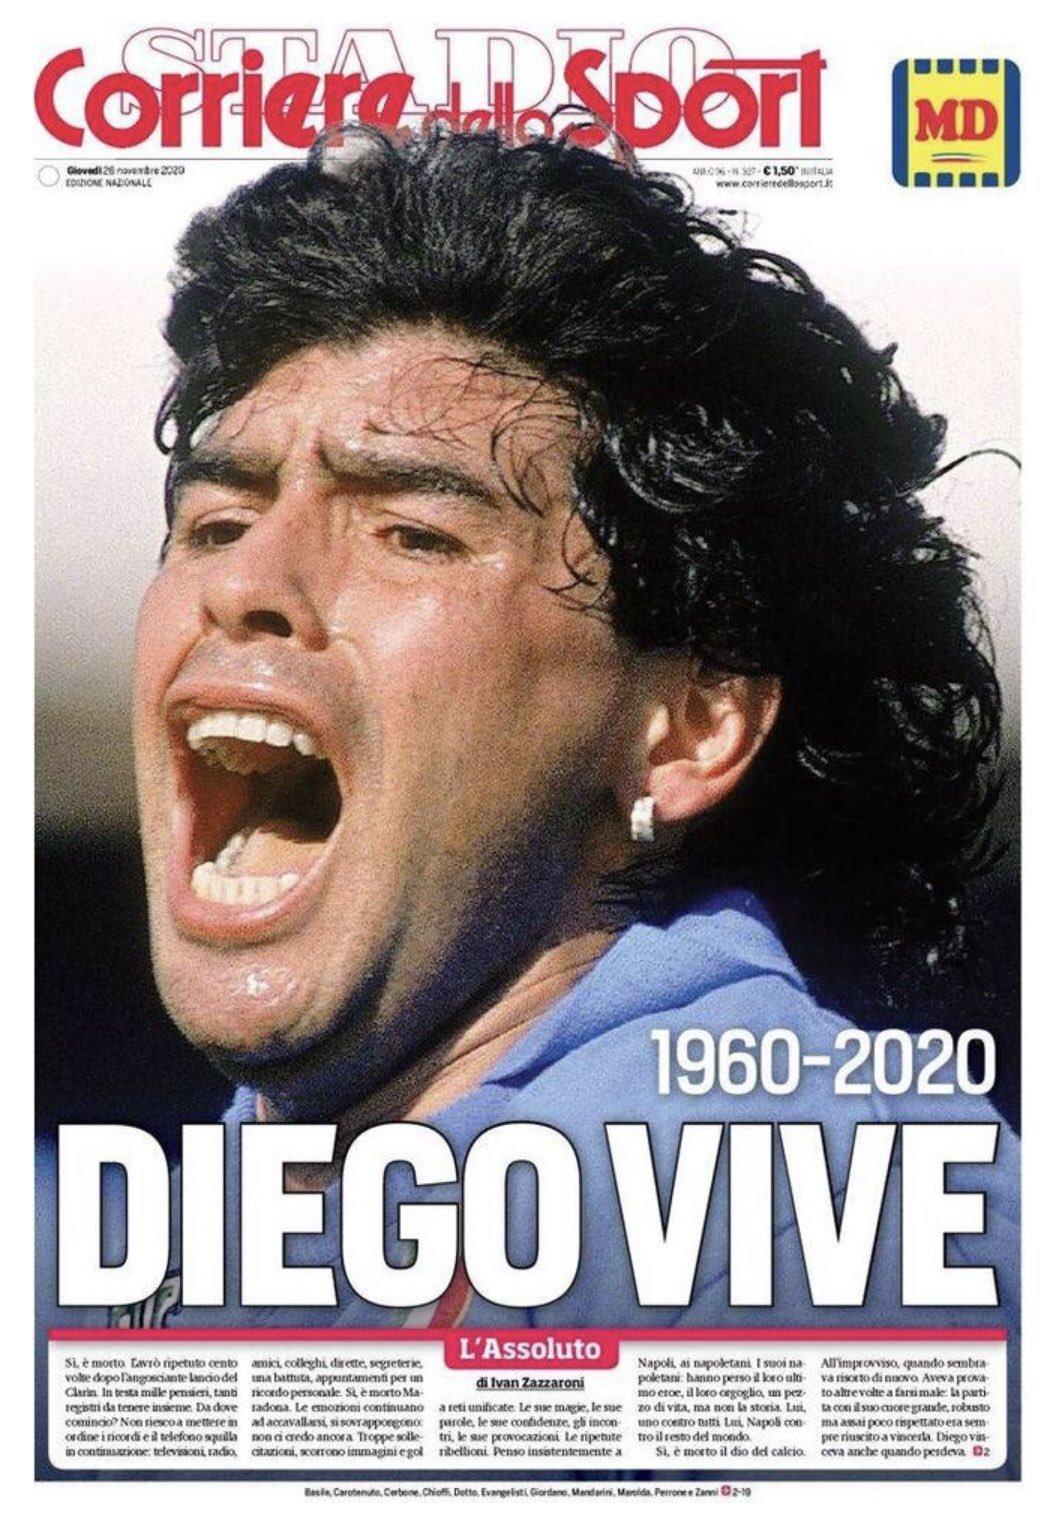 Fallece Diego Armando Maradona al sufrir un paro cardíaco  16063731099689